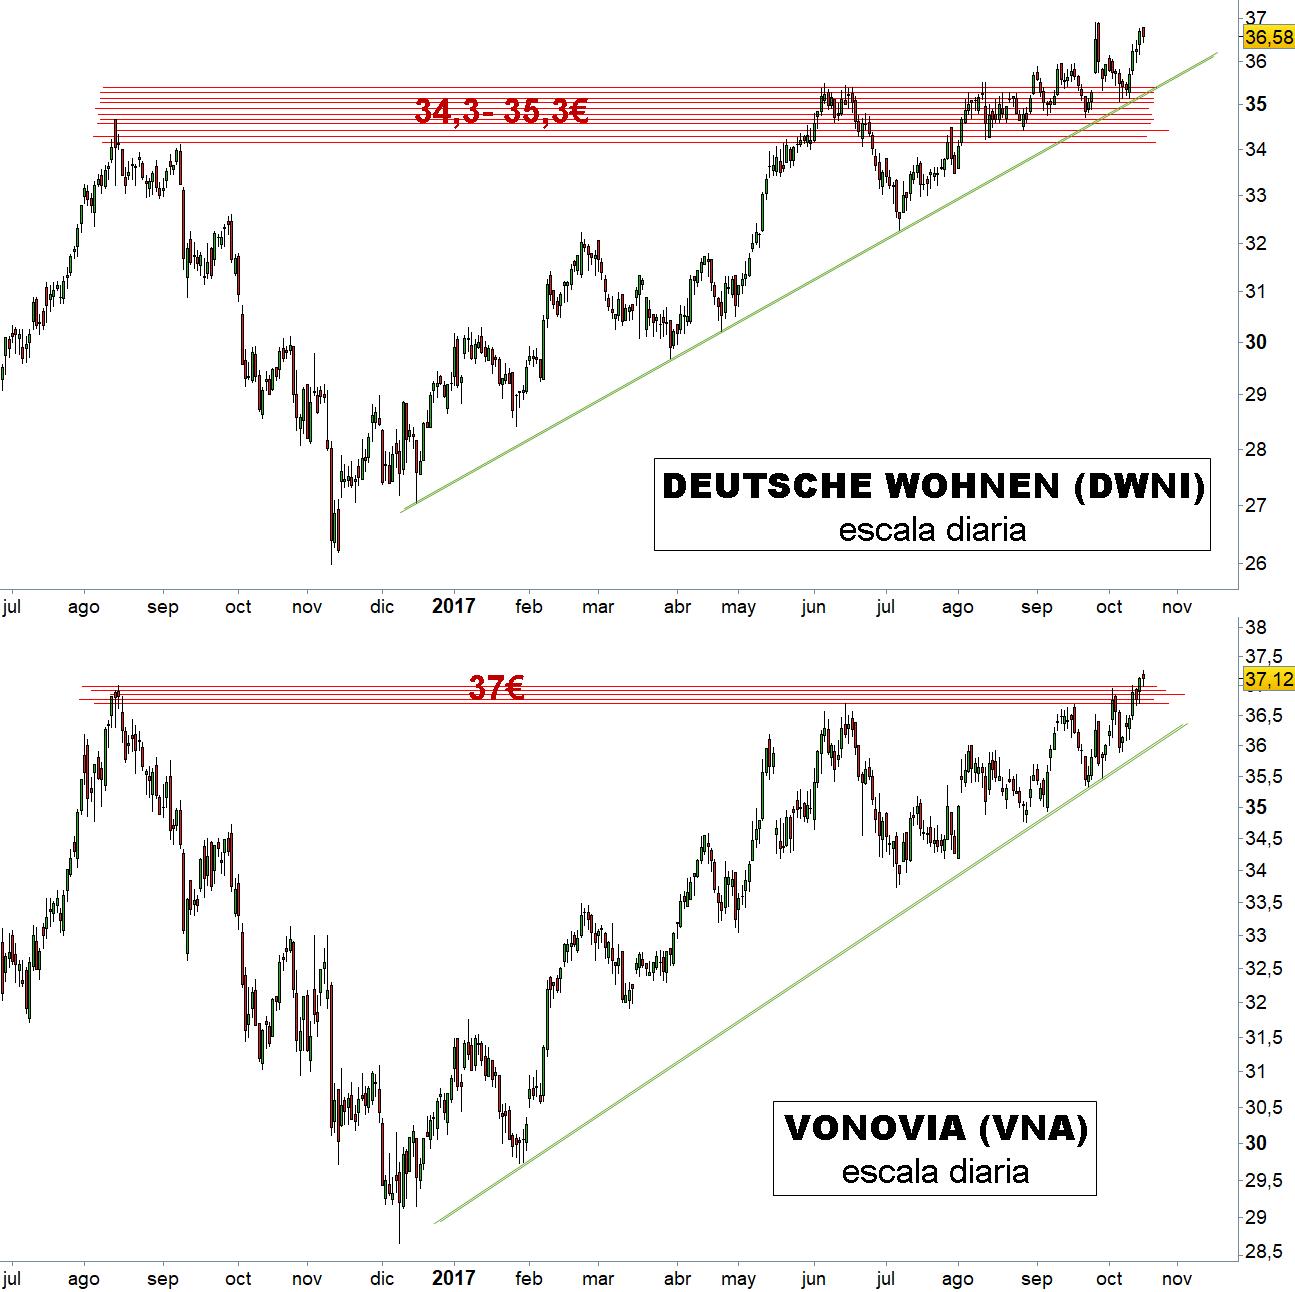 VonoviaEstrategias Inversión Técnico Y De Deutsche Análisis Wohnen sdhQCtrx